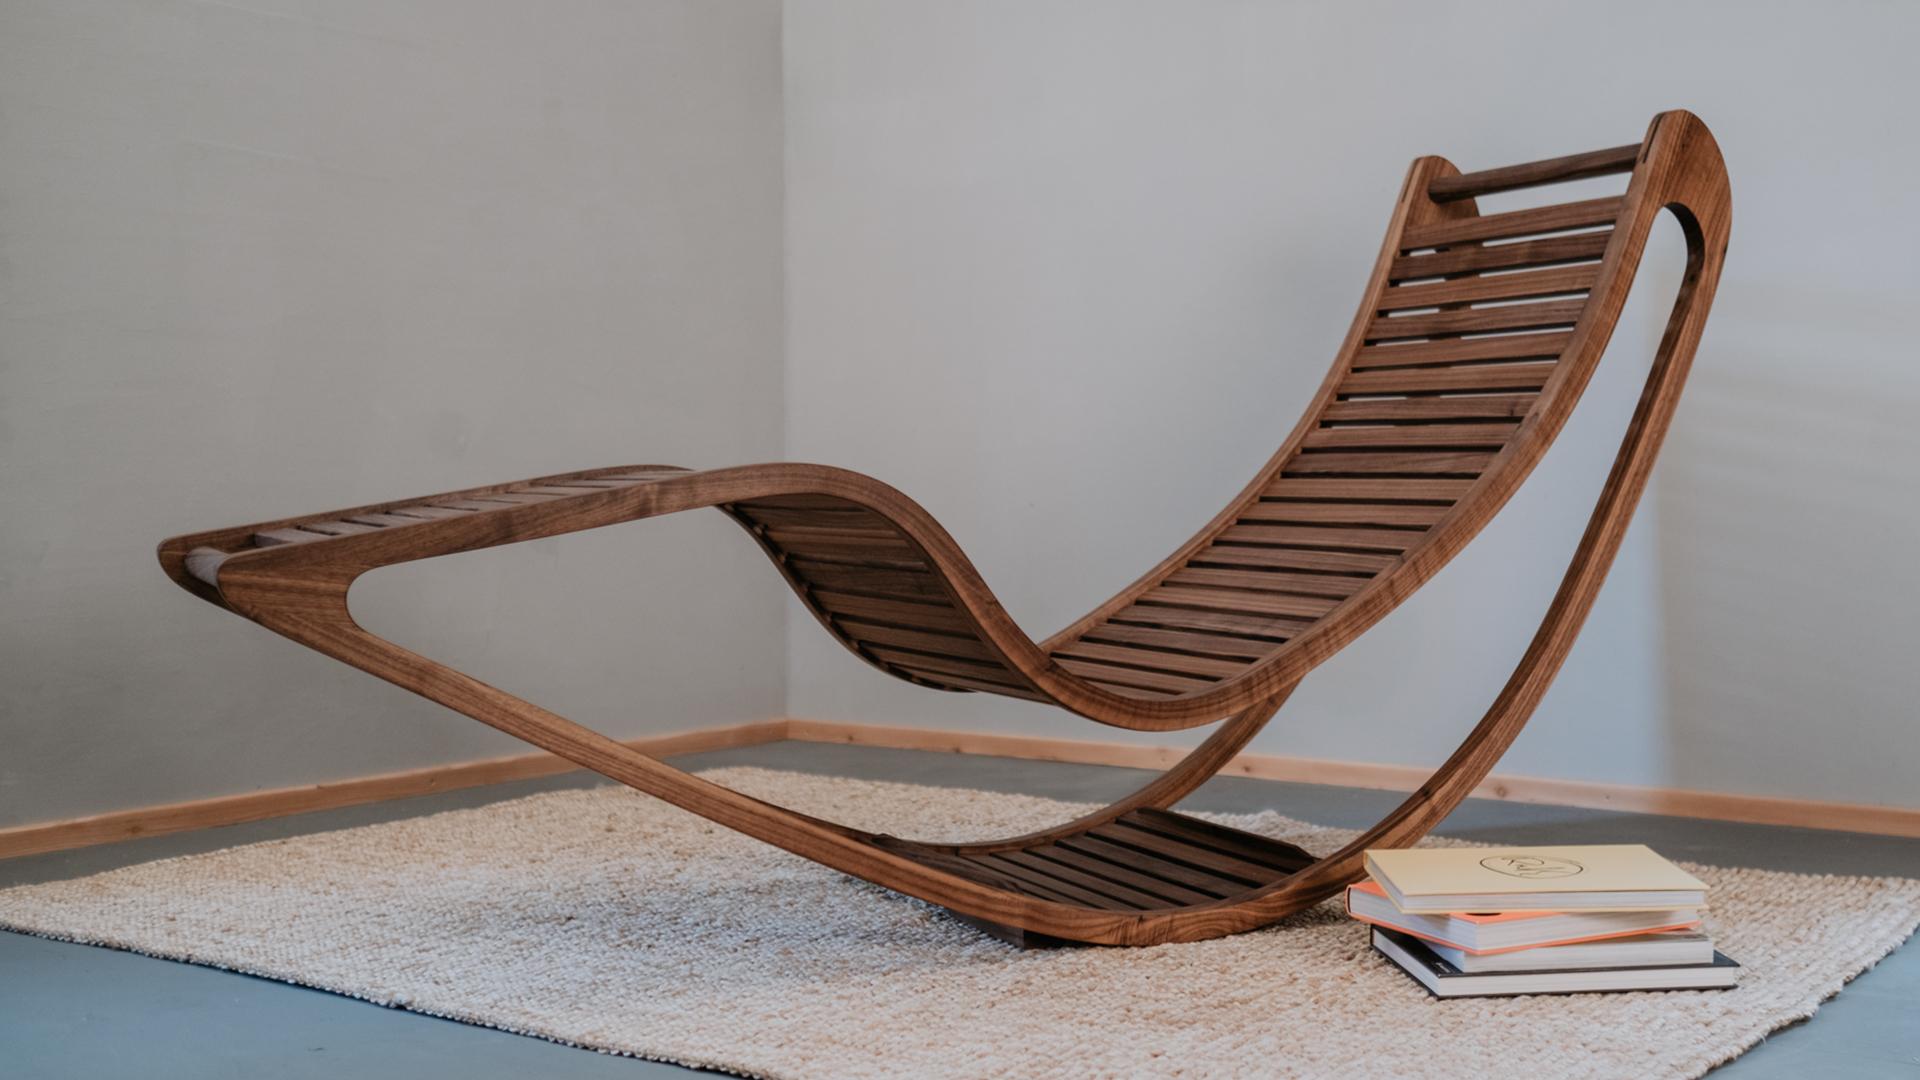 Tischlerei HolzWerk - feine moebel - Chairbert Entspannungsliege Nussbaum Komplett